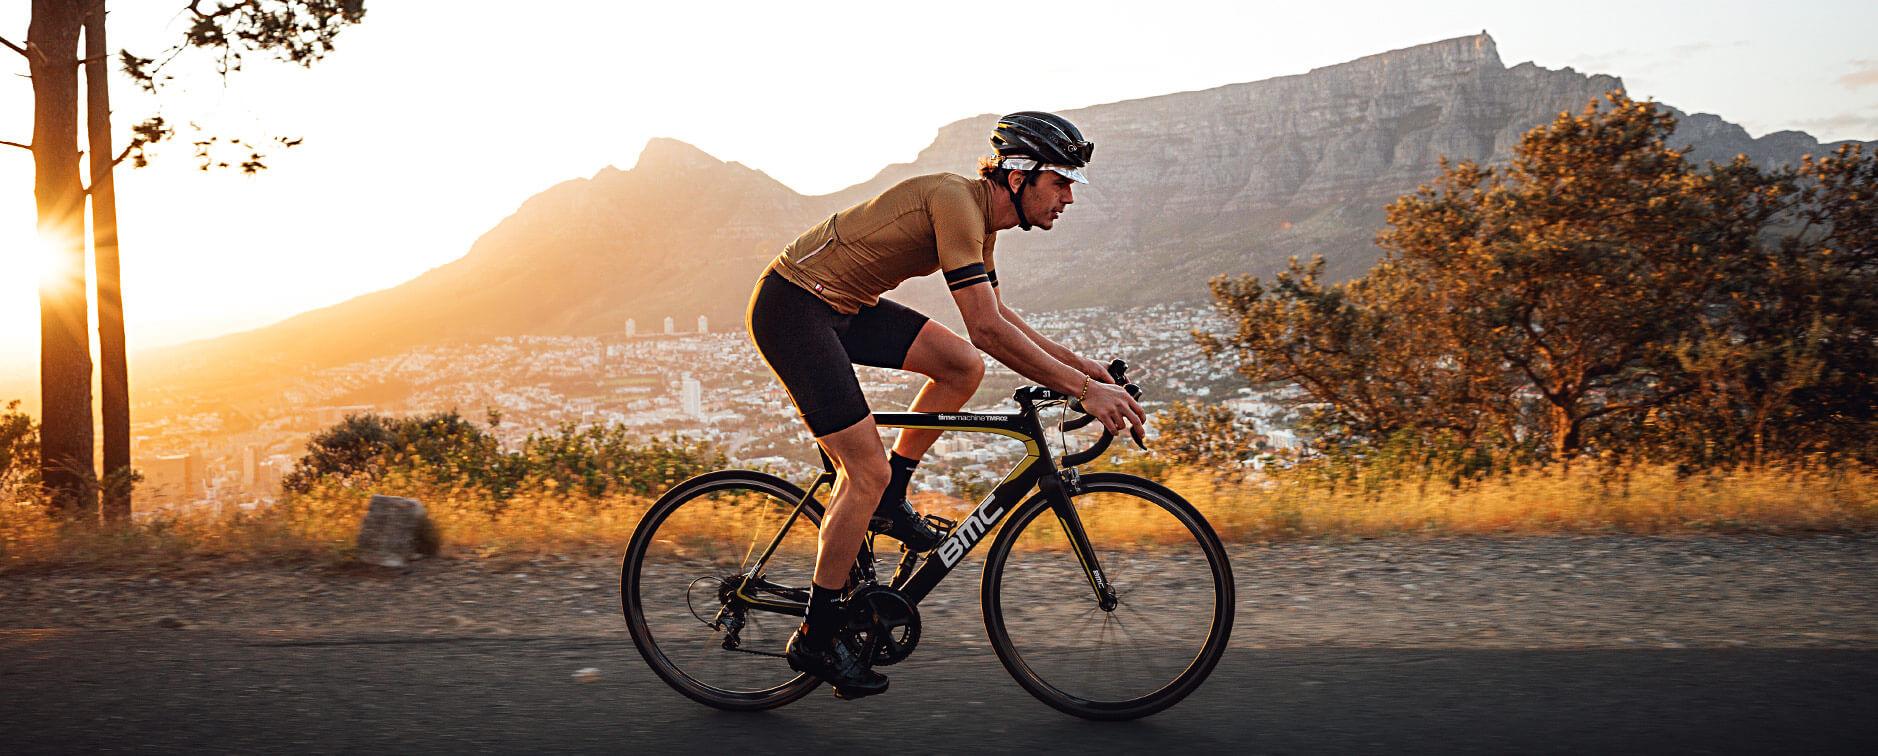 giordana-cycling-bib-short-guide-men-hero-1